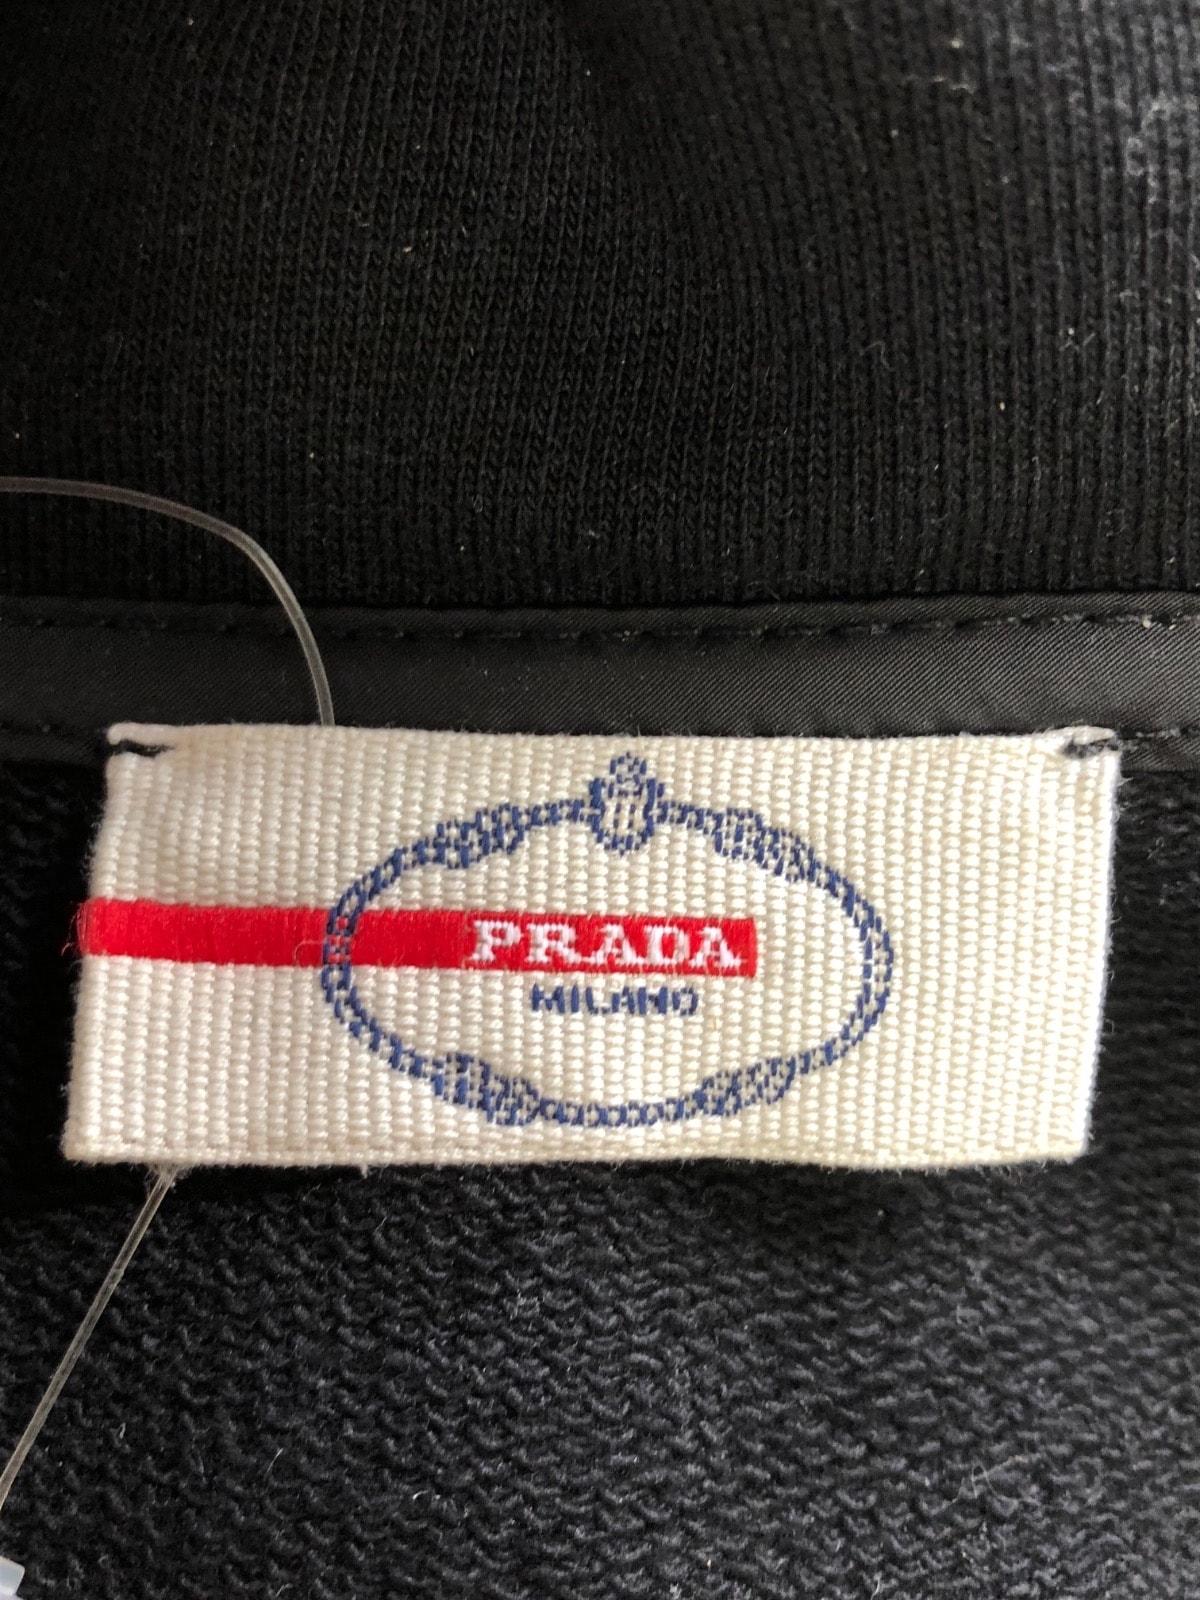 PRADA SPORT(プラダスポーツ)のパーカー